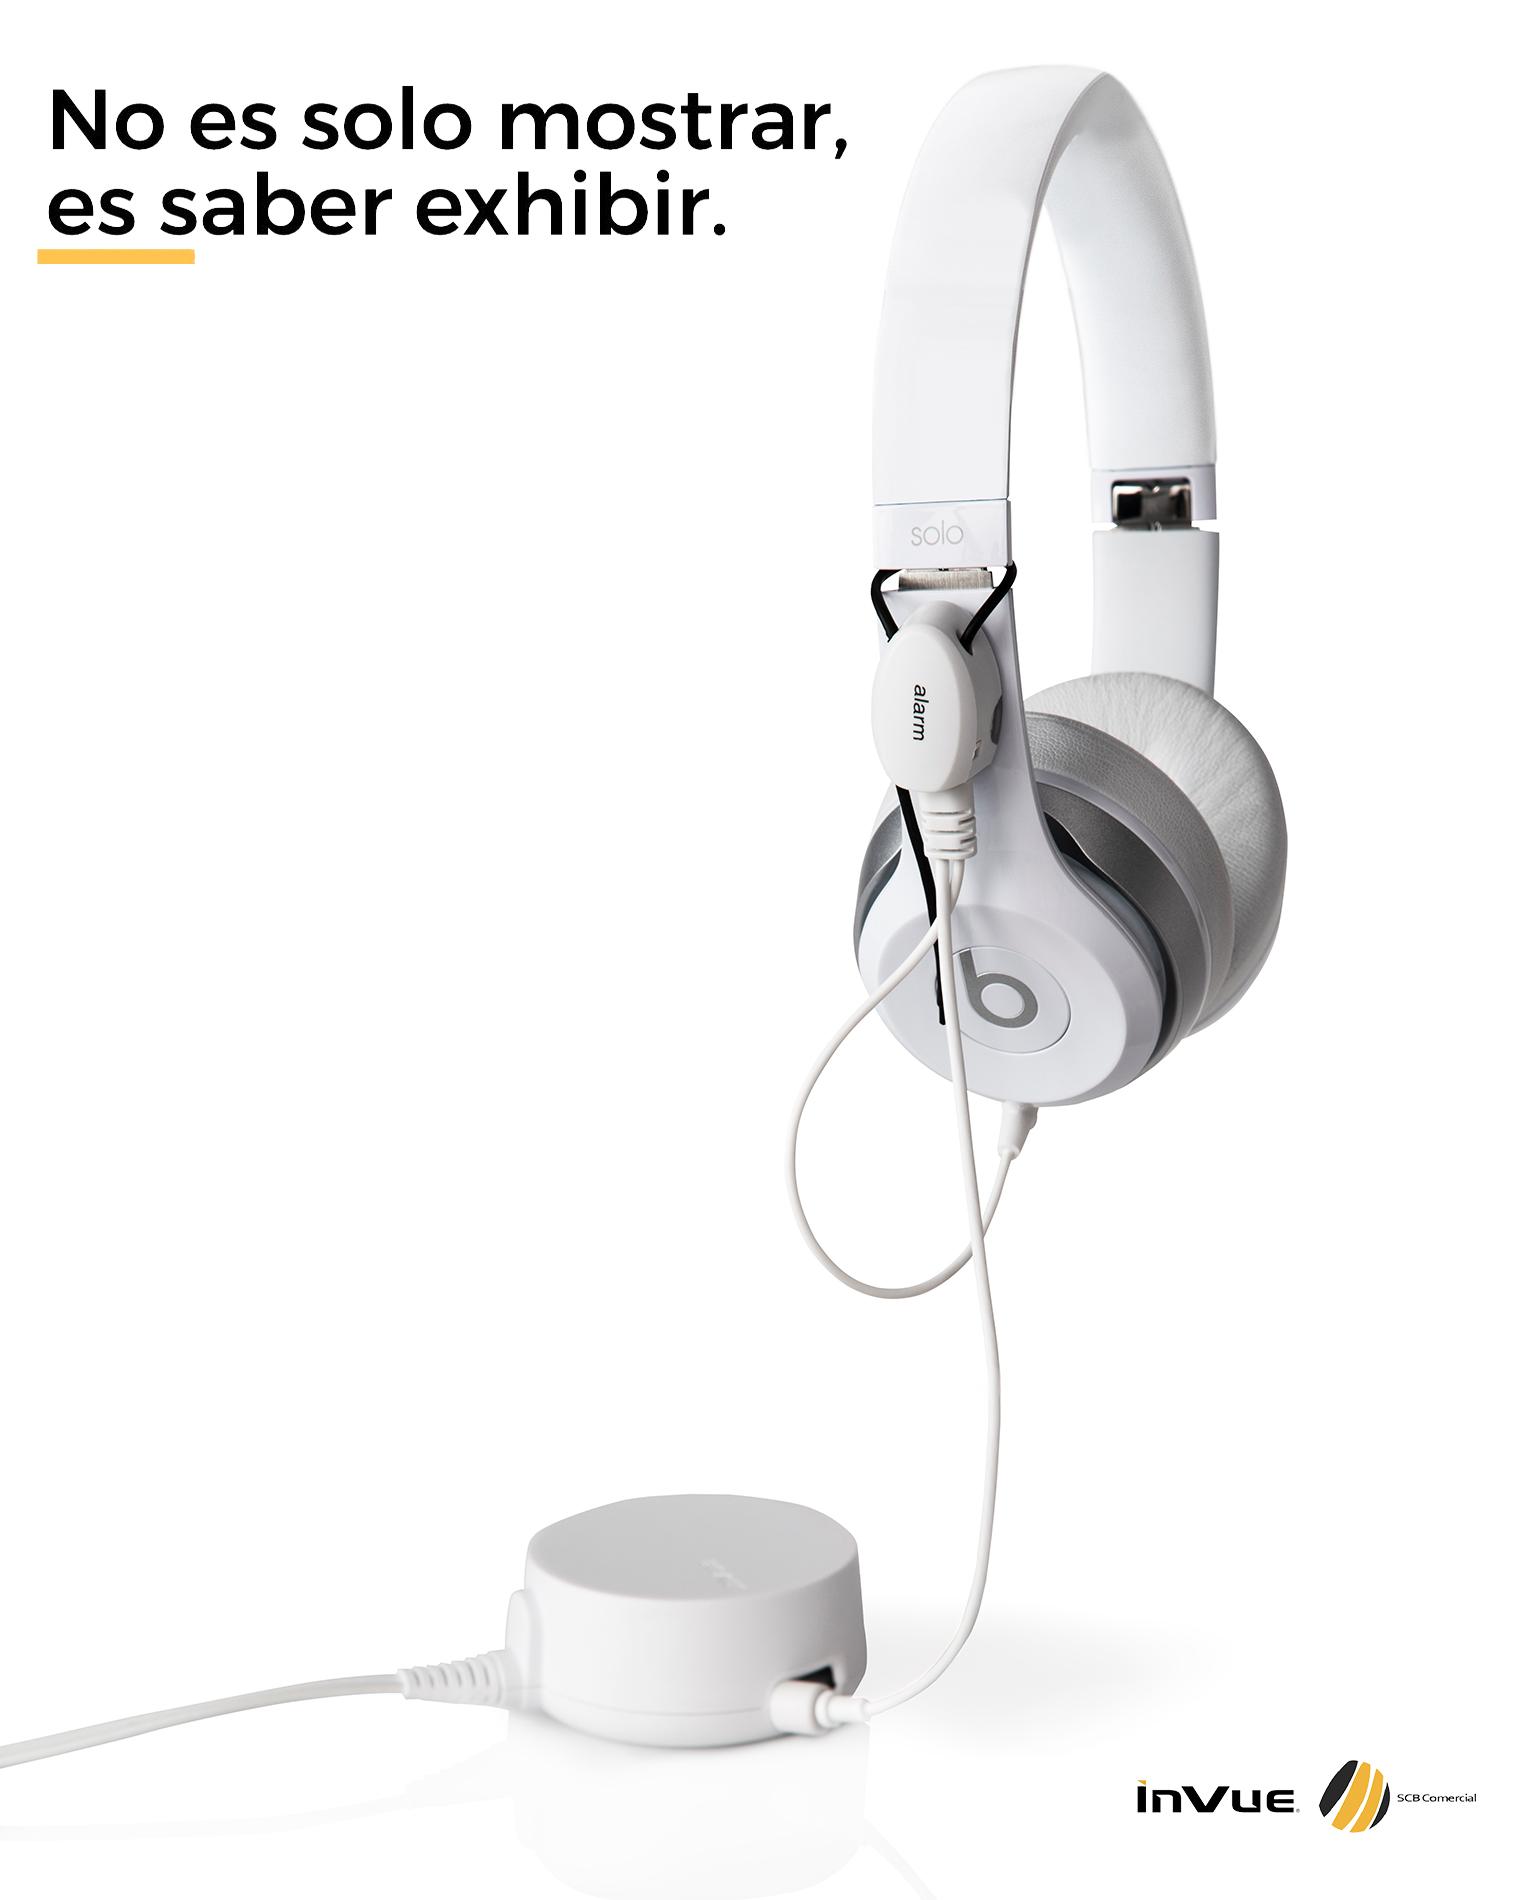 Zips-Headphone-Recoiler-(8).jpg